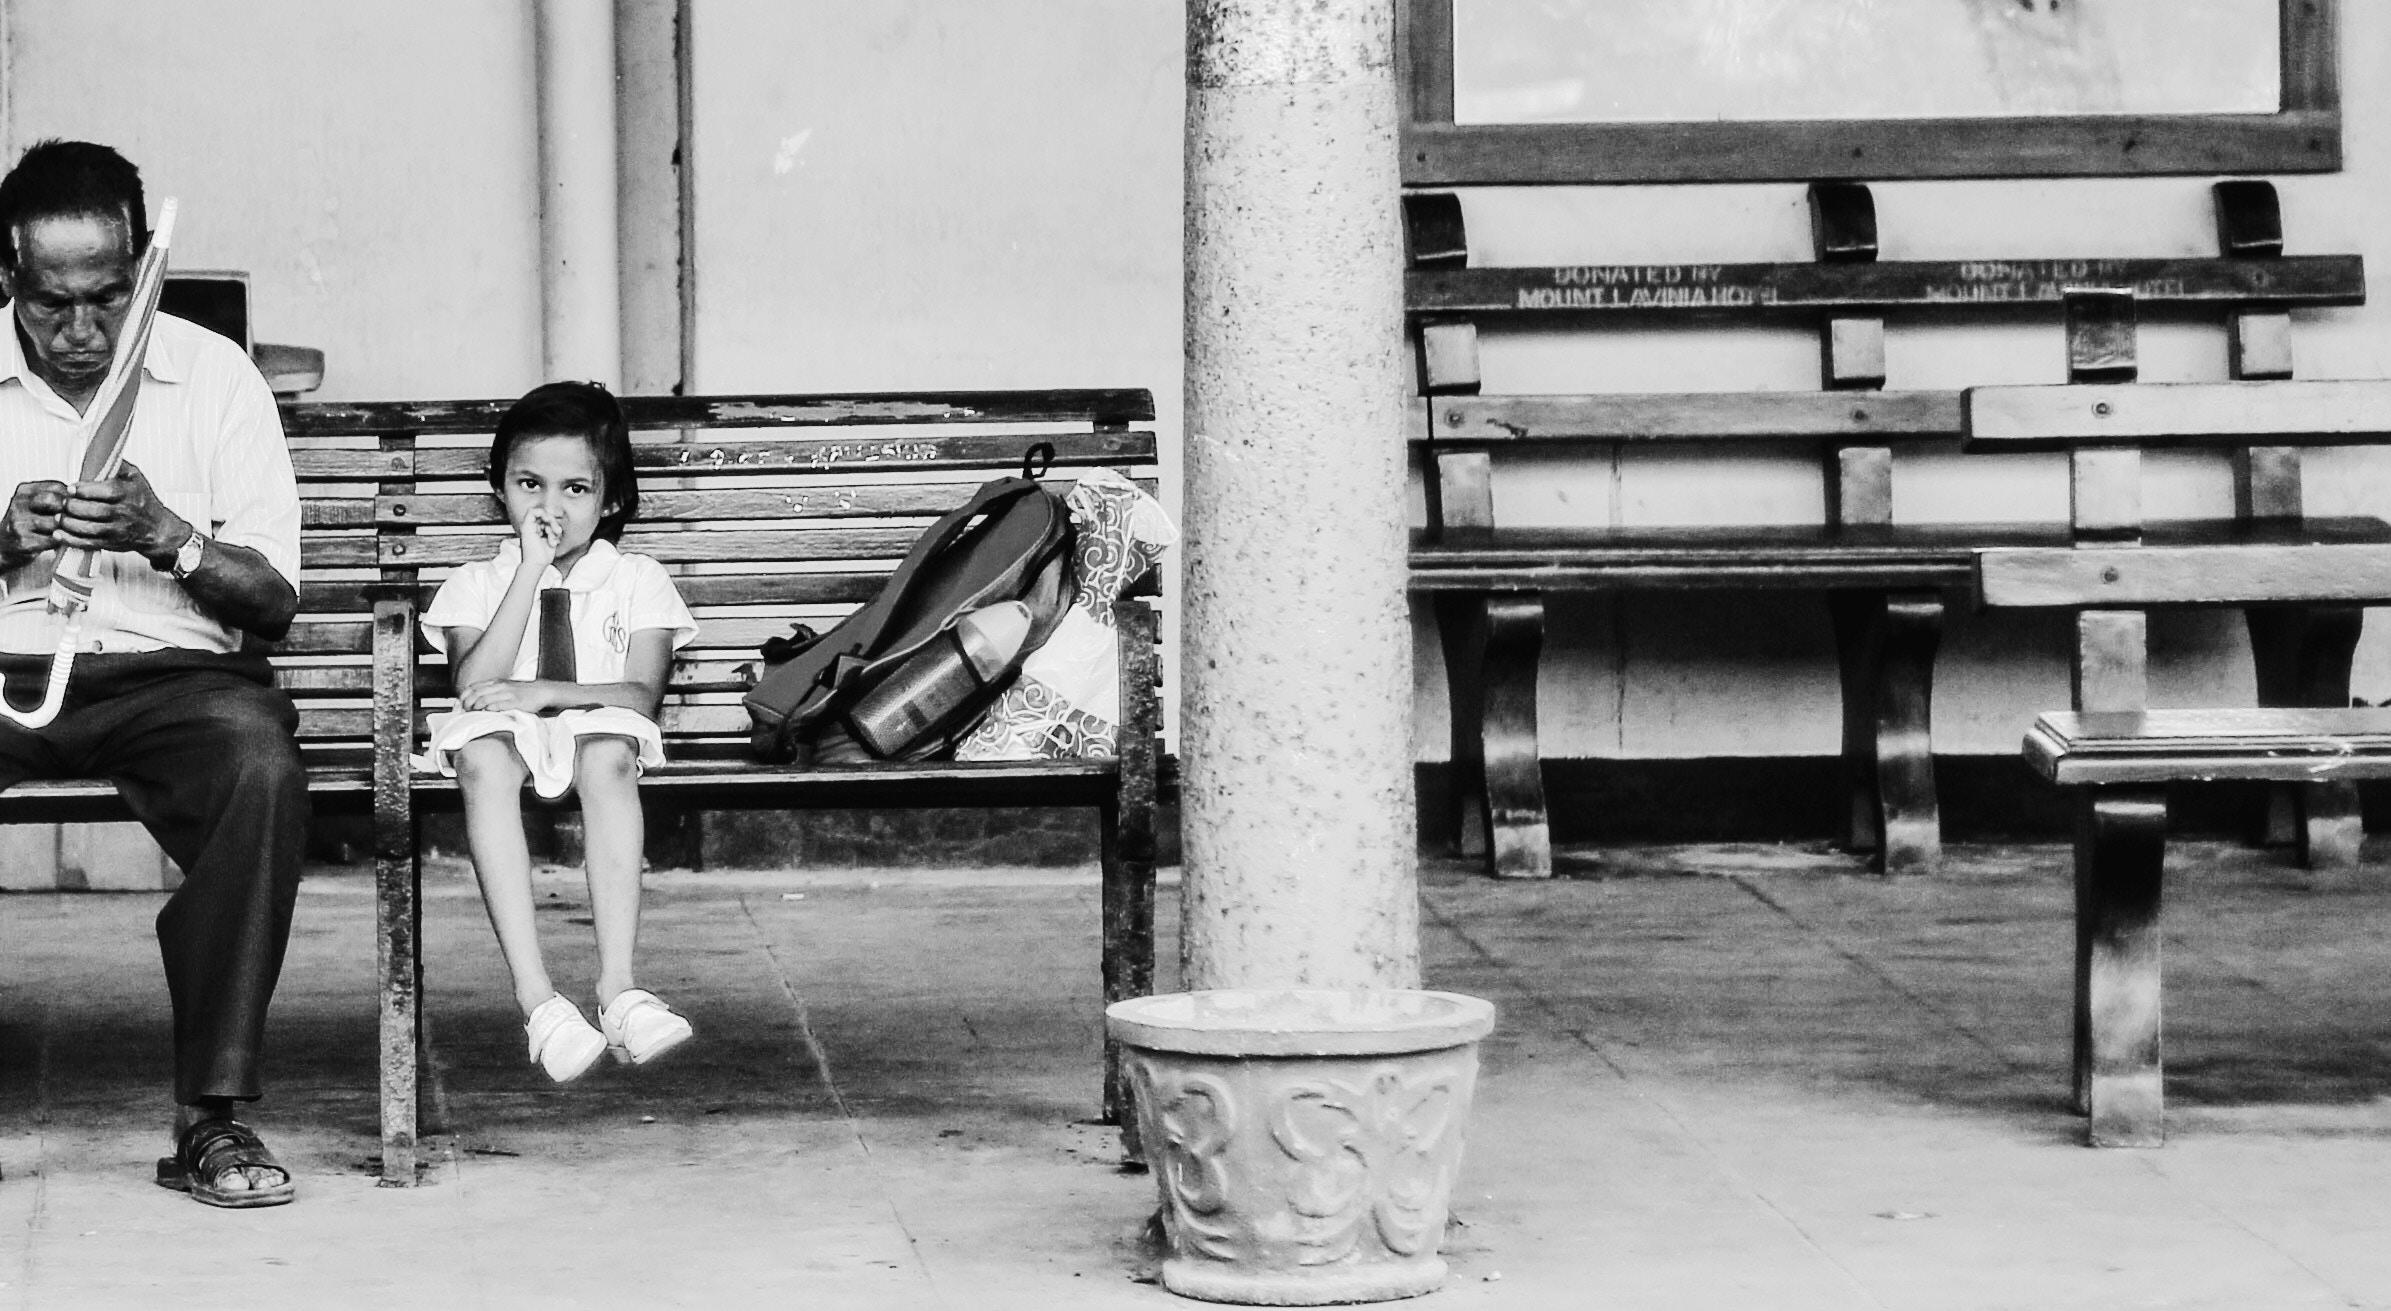 Photo by  Li Wubin  on  Unsplash